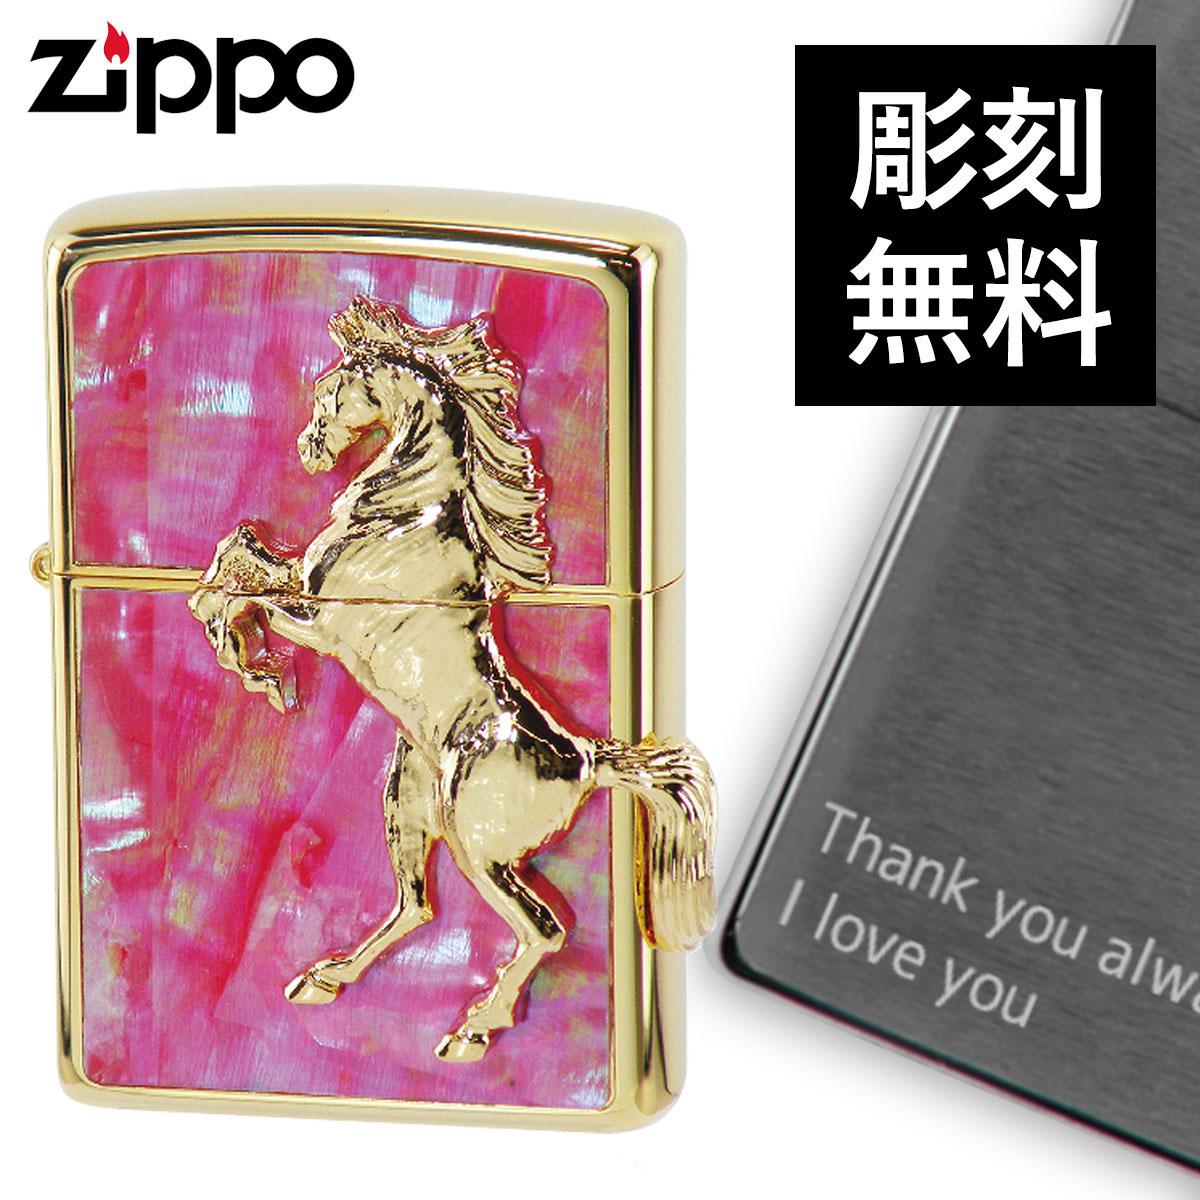 zippo ライター ジッポーライター ブランド 馬 貝貼り ZP ウイニングウイニー スターシェル ゴールドリップ PK ギフト プレゼント 贈り物 返品不可 彫刻 無料 名前 名入れ メッセージ 誕生日 父の日